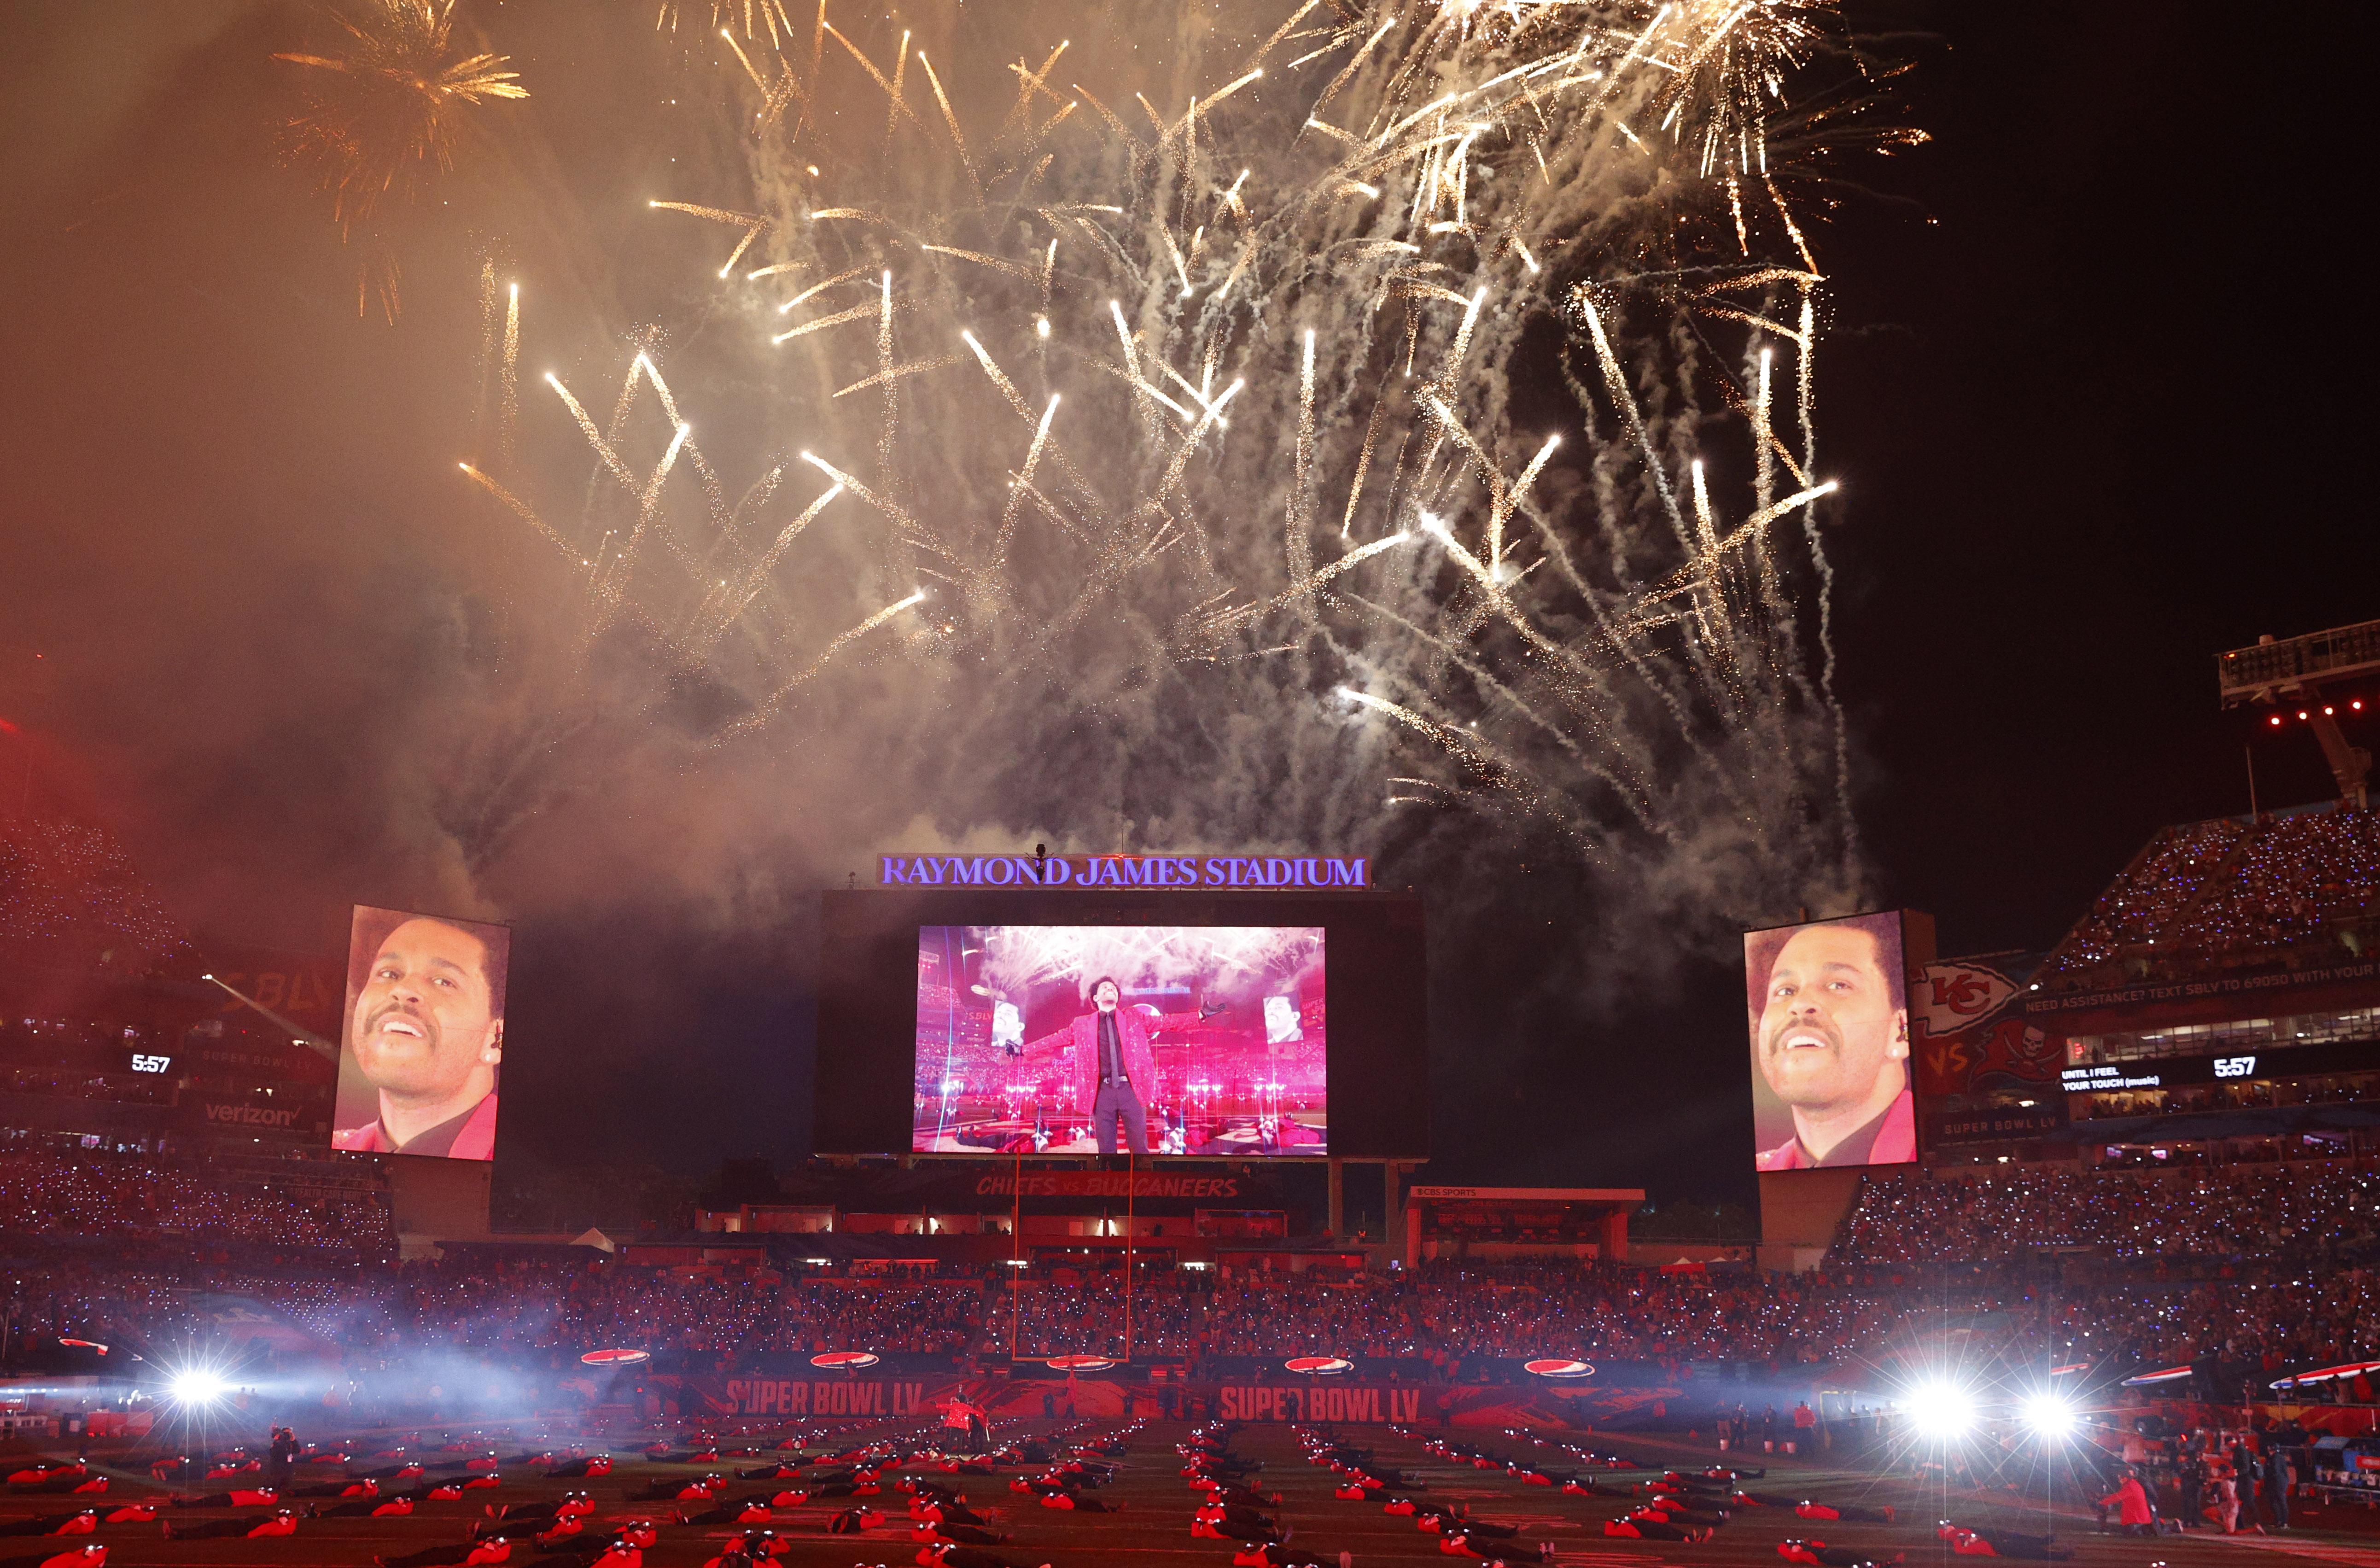 Así lució el Raymond James Stadium durante el show de medio tiempo